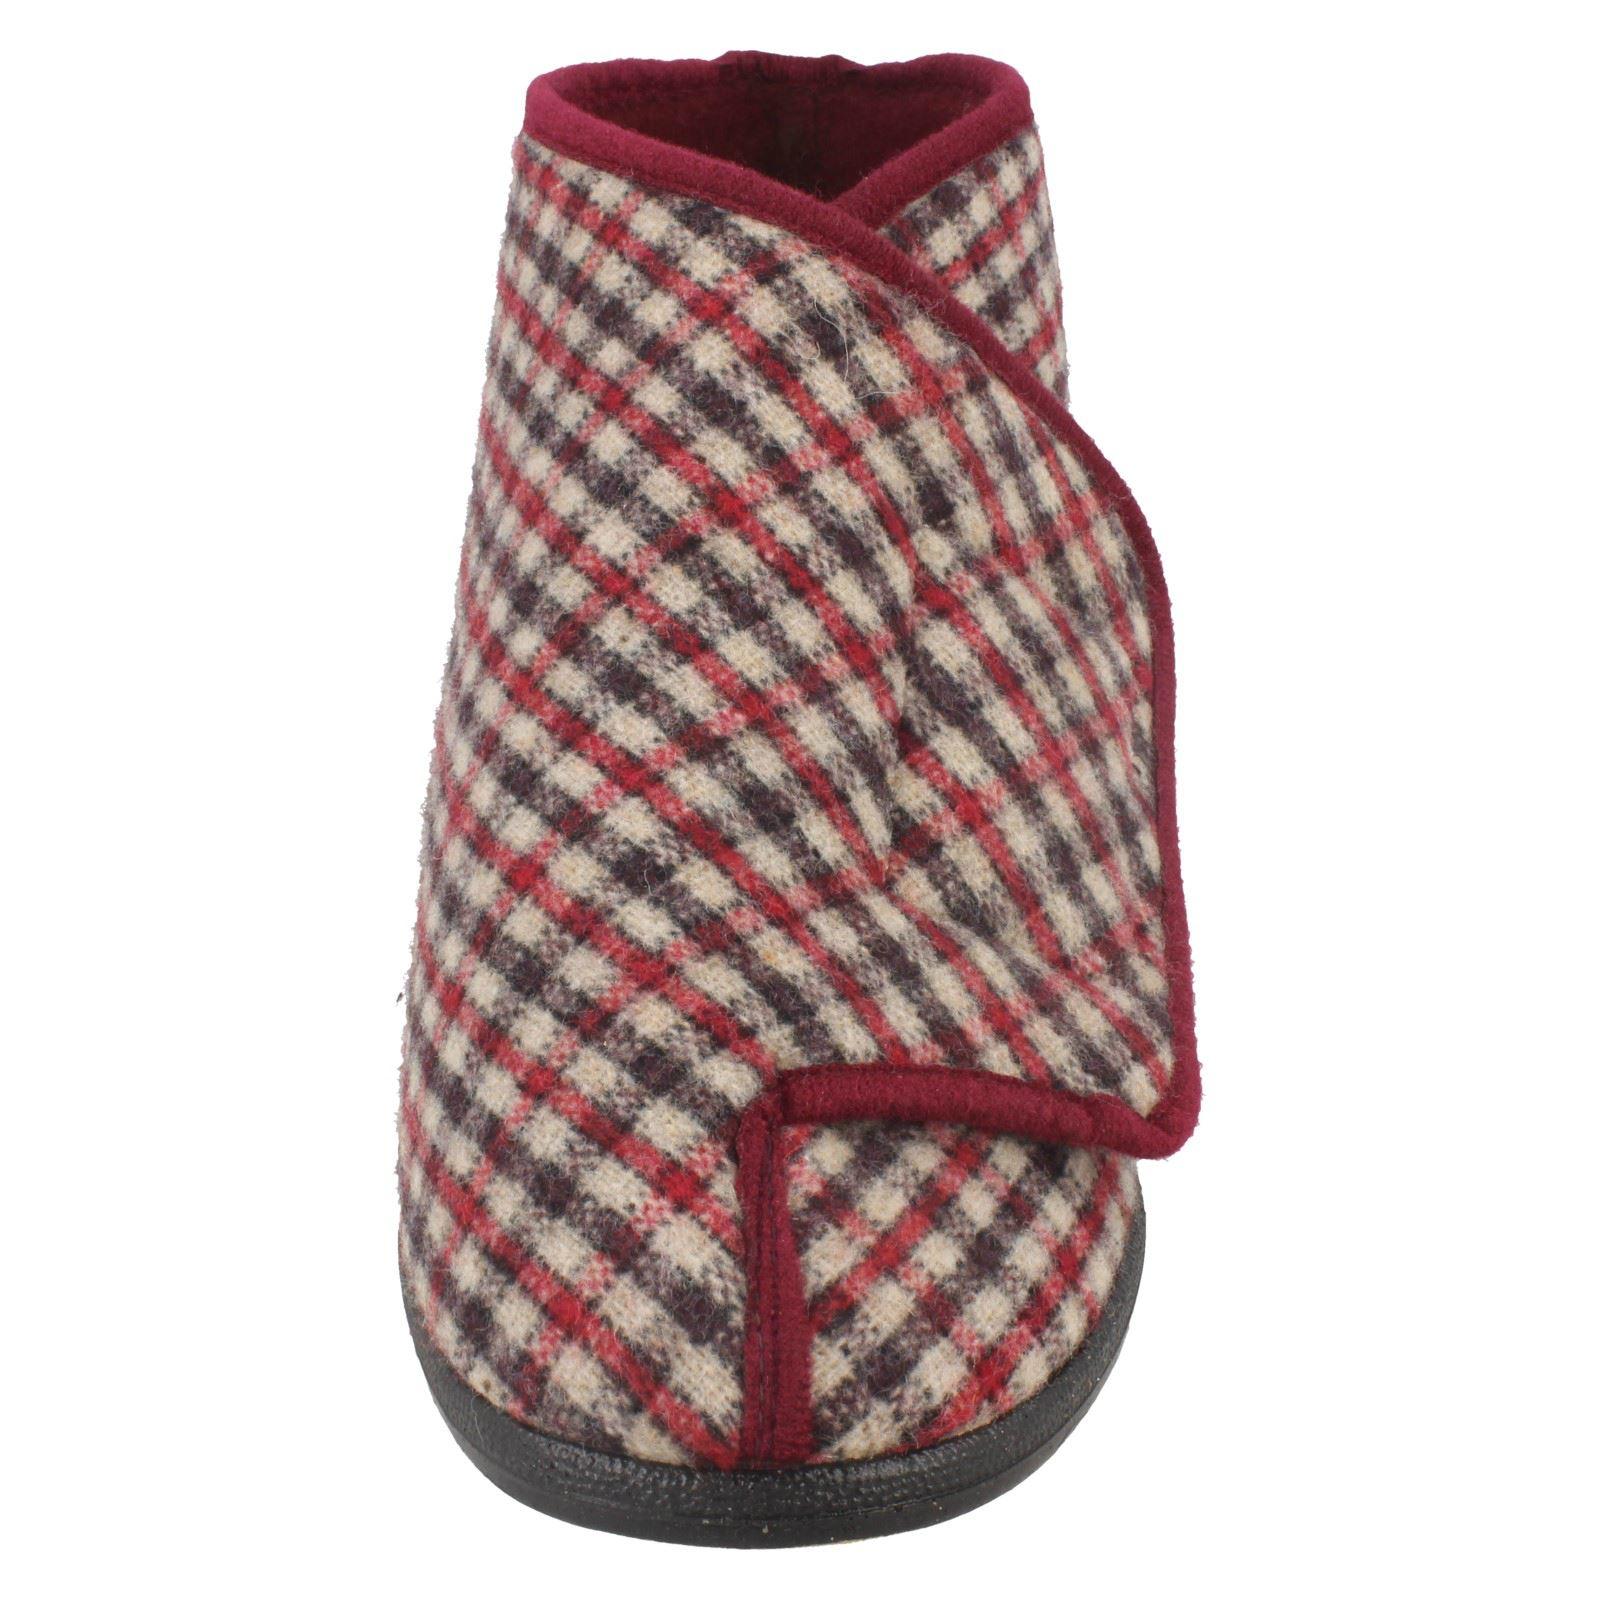 Vin Gawci Chaussons rouge carreaux baskets Balmoral à à Homme HATOZq0w